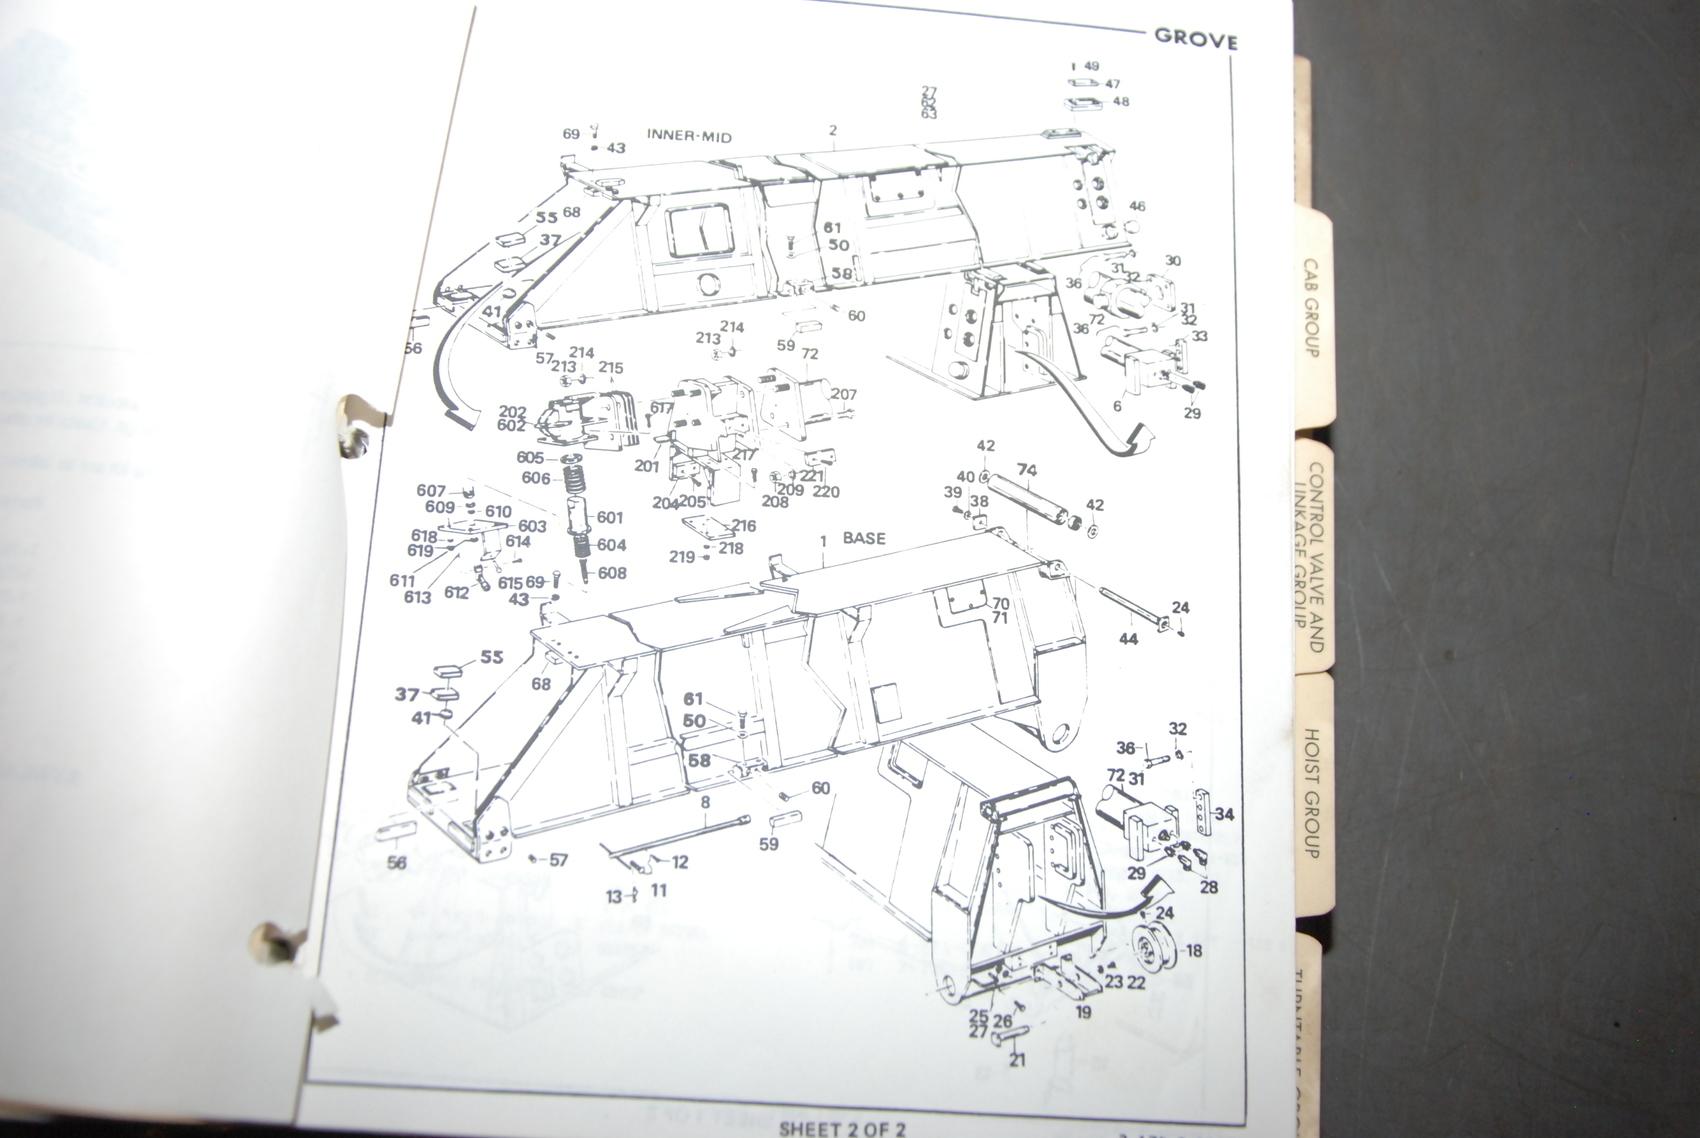 GROVE-RT745-Crane-parts-manual-nopl-INV-22301